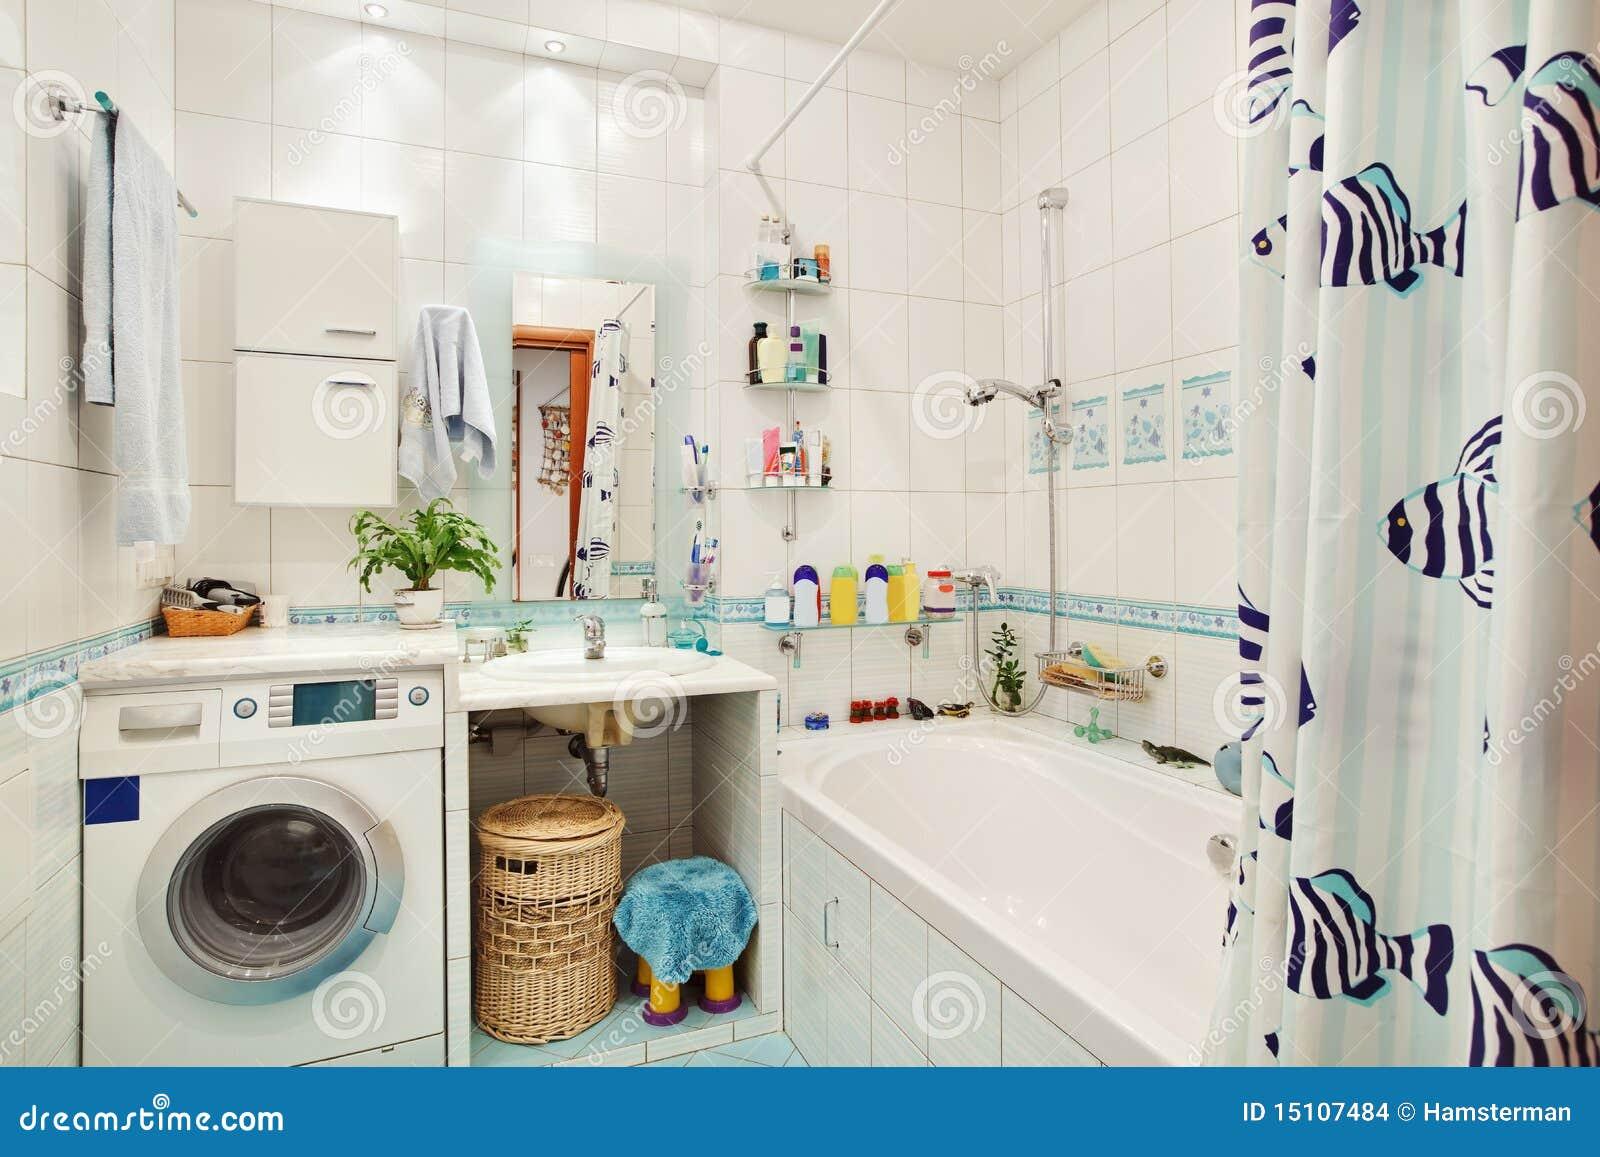 hd wallpapers badezimmer 4 x 2 m loveloveh3df.cf, Badezimmer ideen